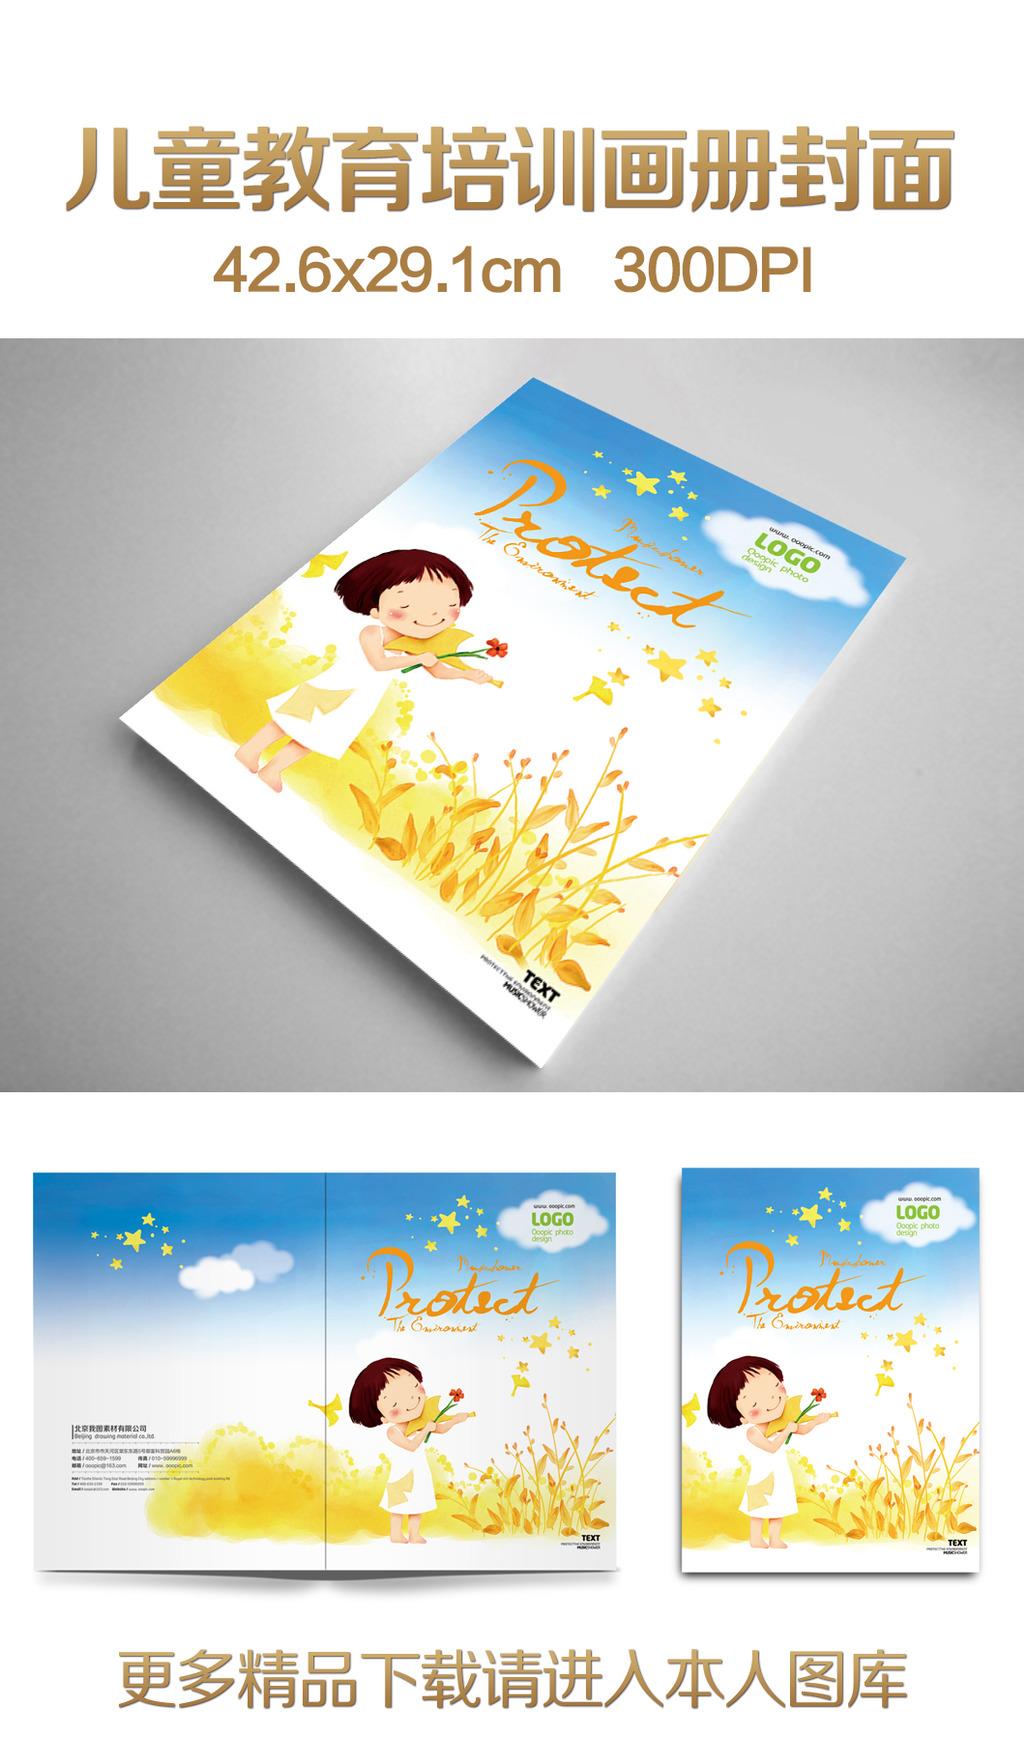 国外儿童早教教育机构画册封面设计